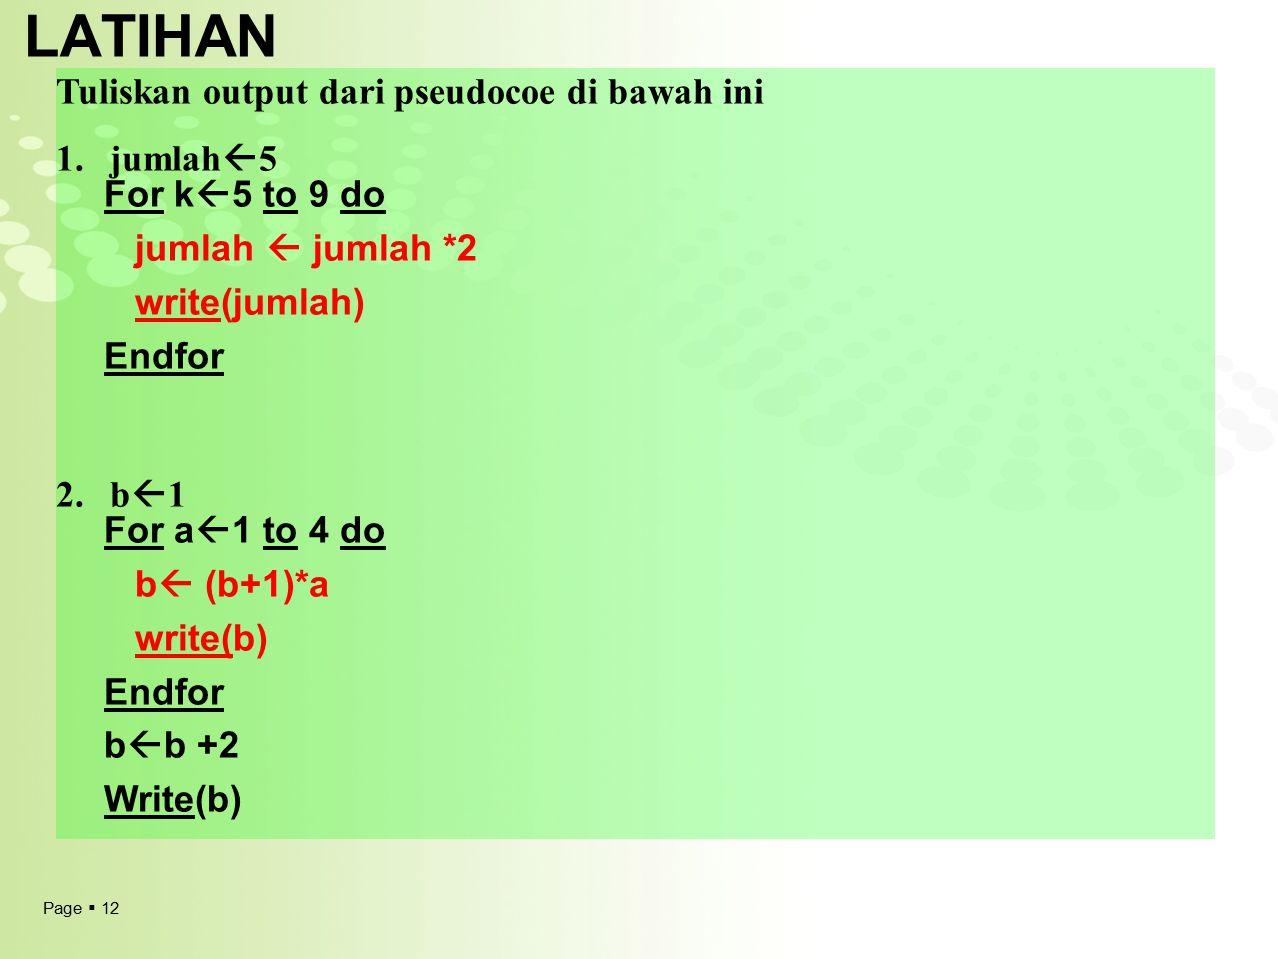 Page  12 LATIHAN Tuliskan output dari pseudocoe di bawah ini 1.jumlah  5 For k  5 to 9 do jumlah  jumlah *2 write(jumlah) Endfor 2.b  1 For a  1